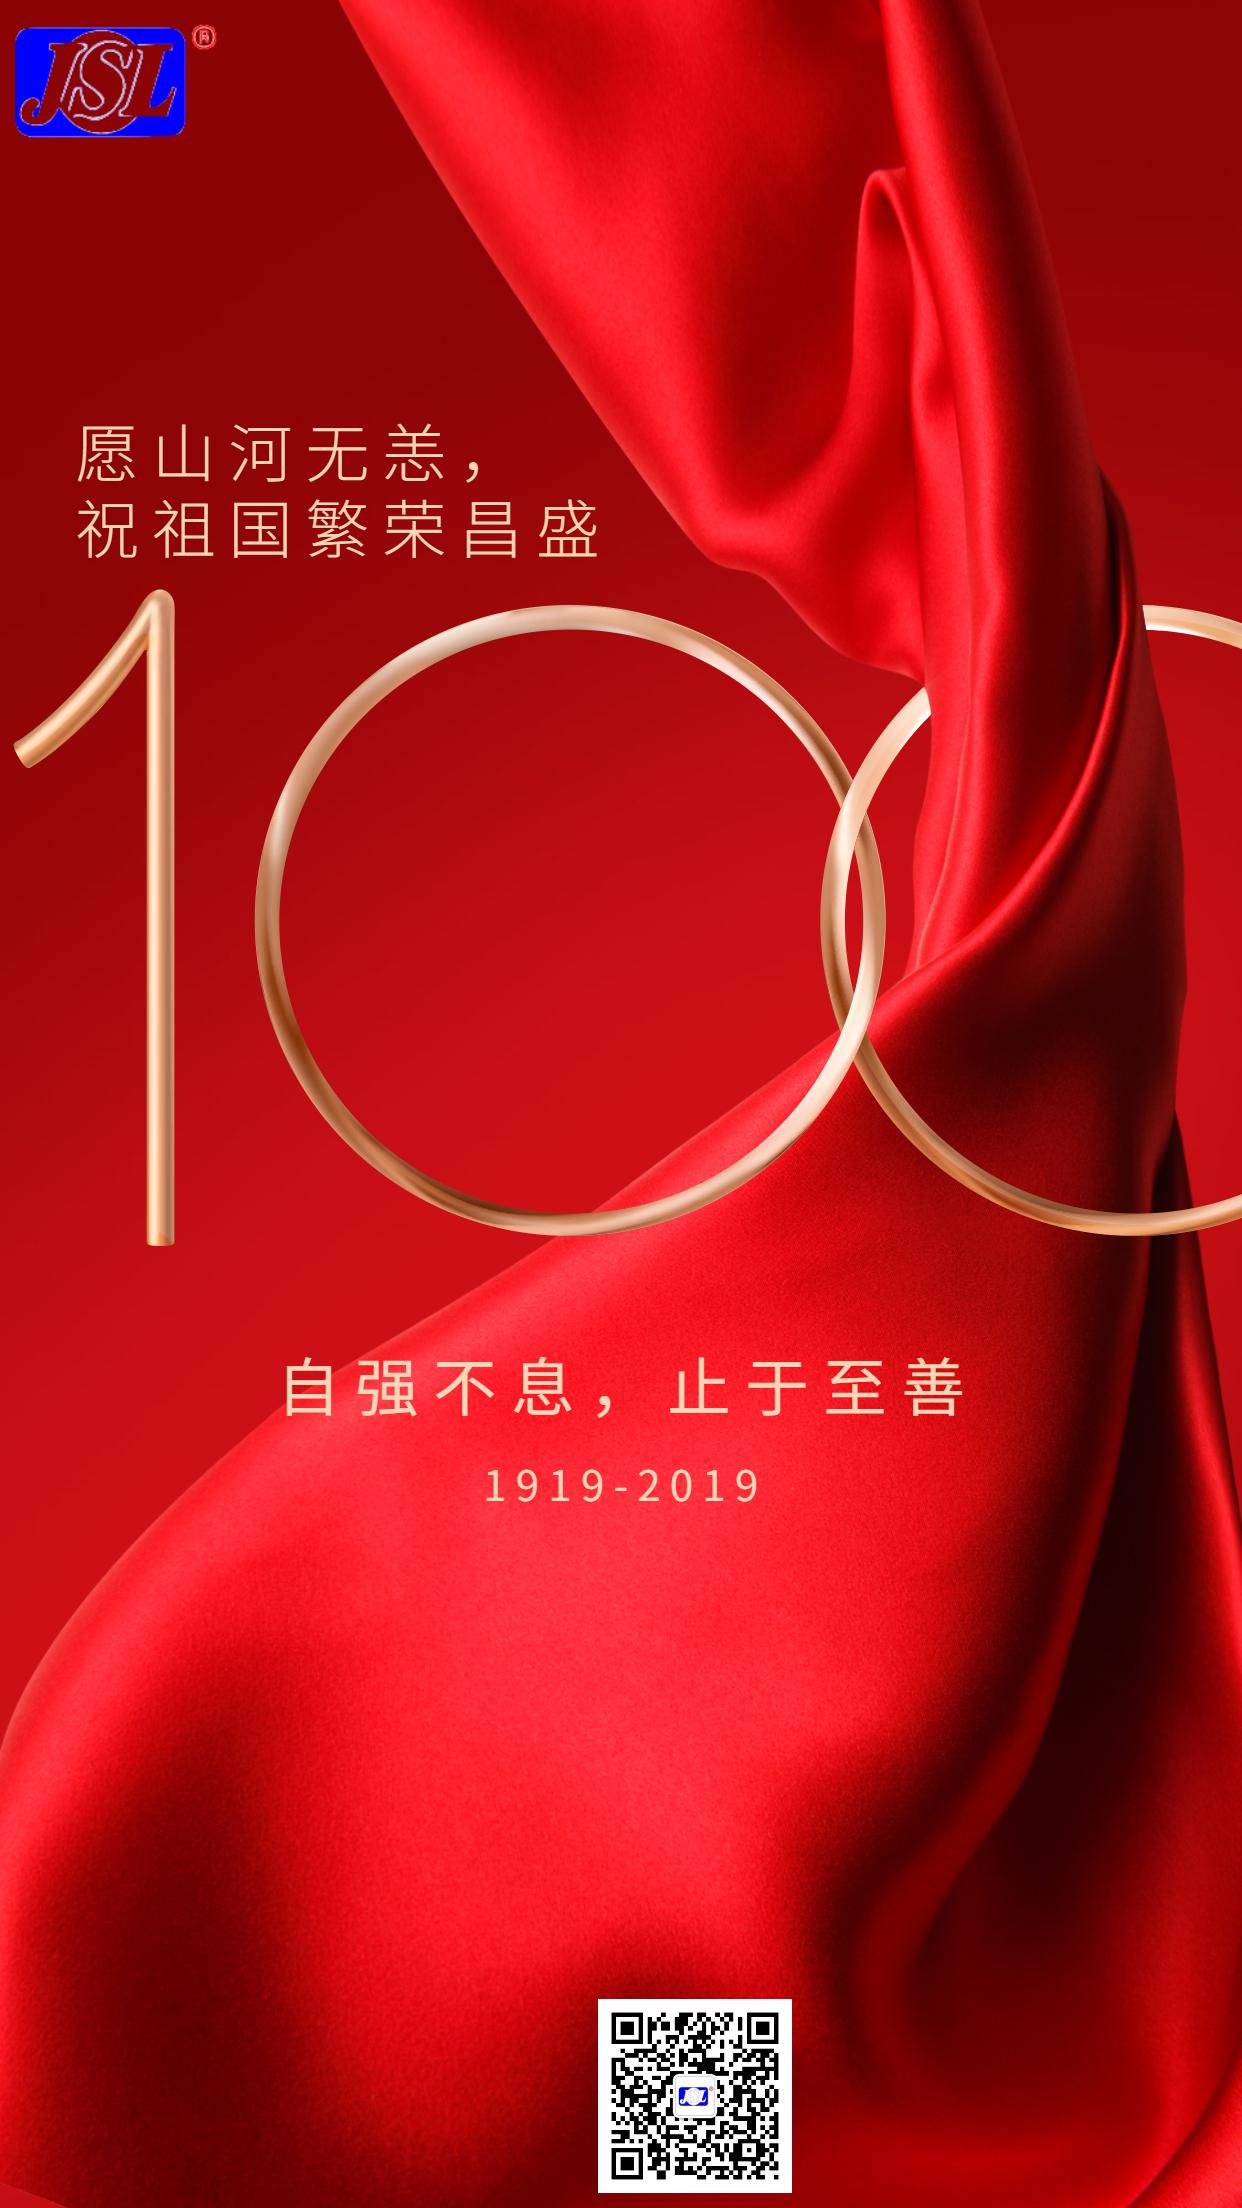 江山來慶祝中國共產黨建黨一百周年!